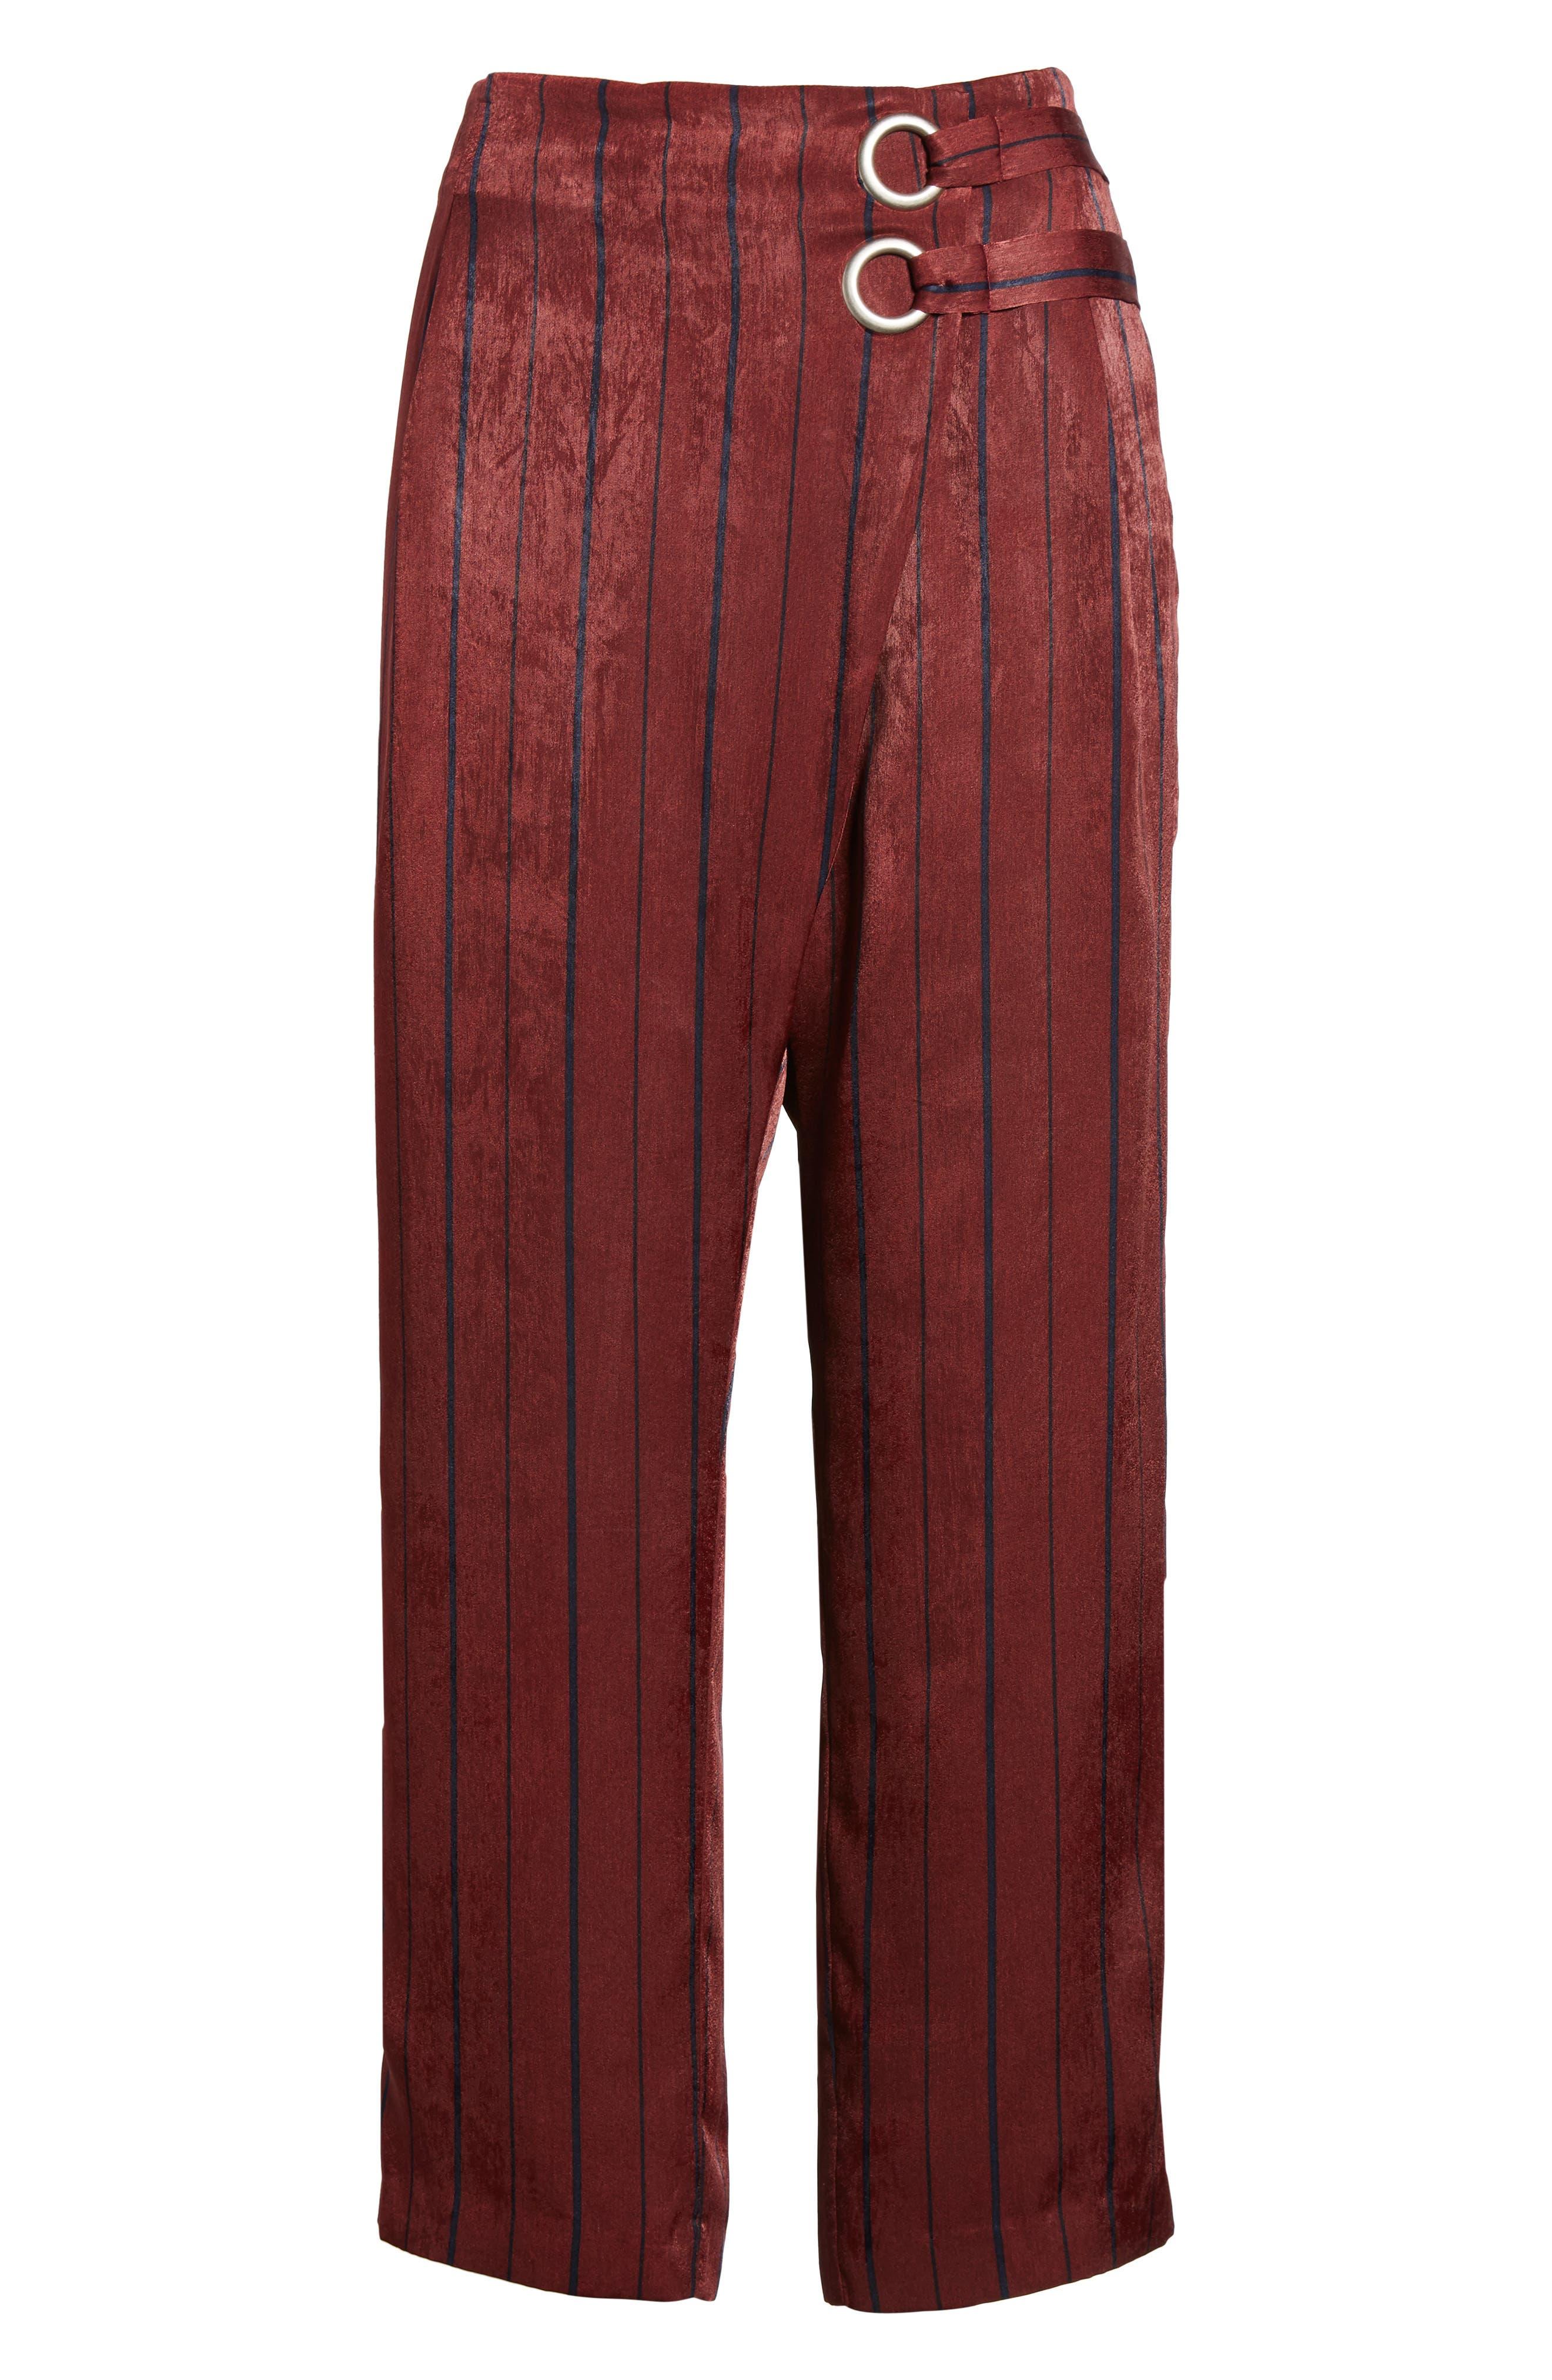 Stripe Crop Pants,                             Alternate thumbnail 6, color,                             930